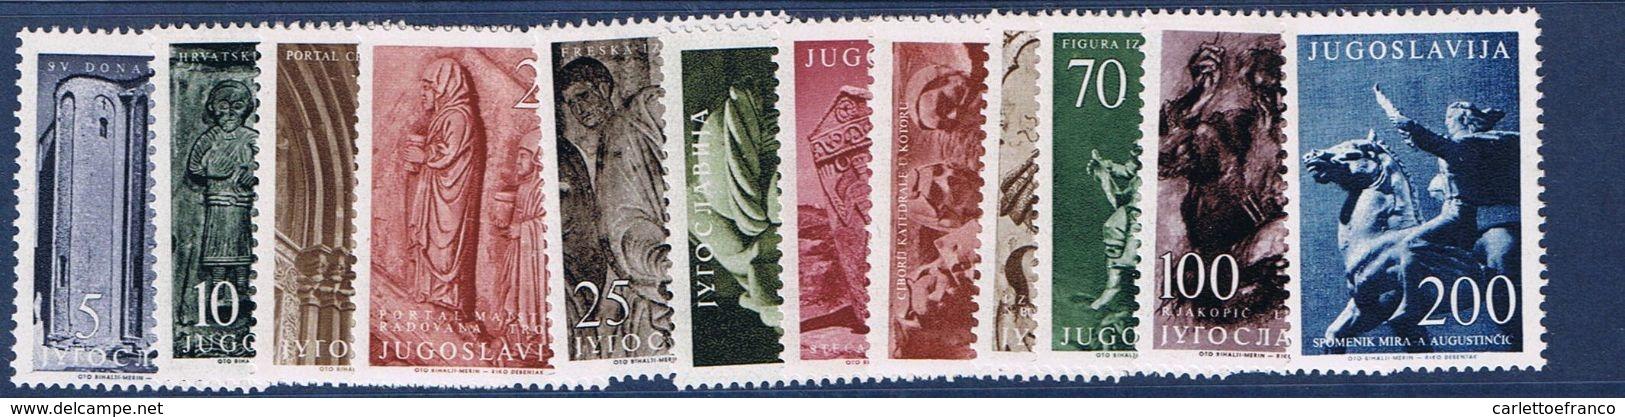 1956 : Serie Arte Figurativa - Nuovi - Perfetti - ** - 1945-1992 Repubblica Socialista Federale Di Jugoslavia